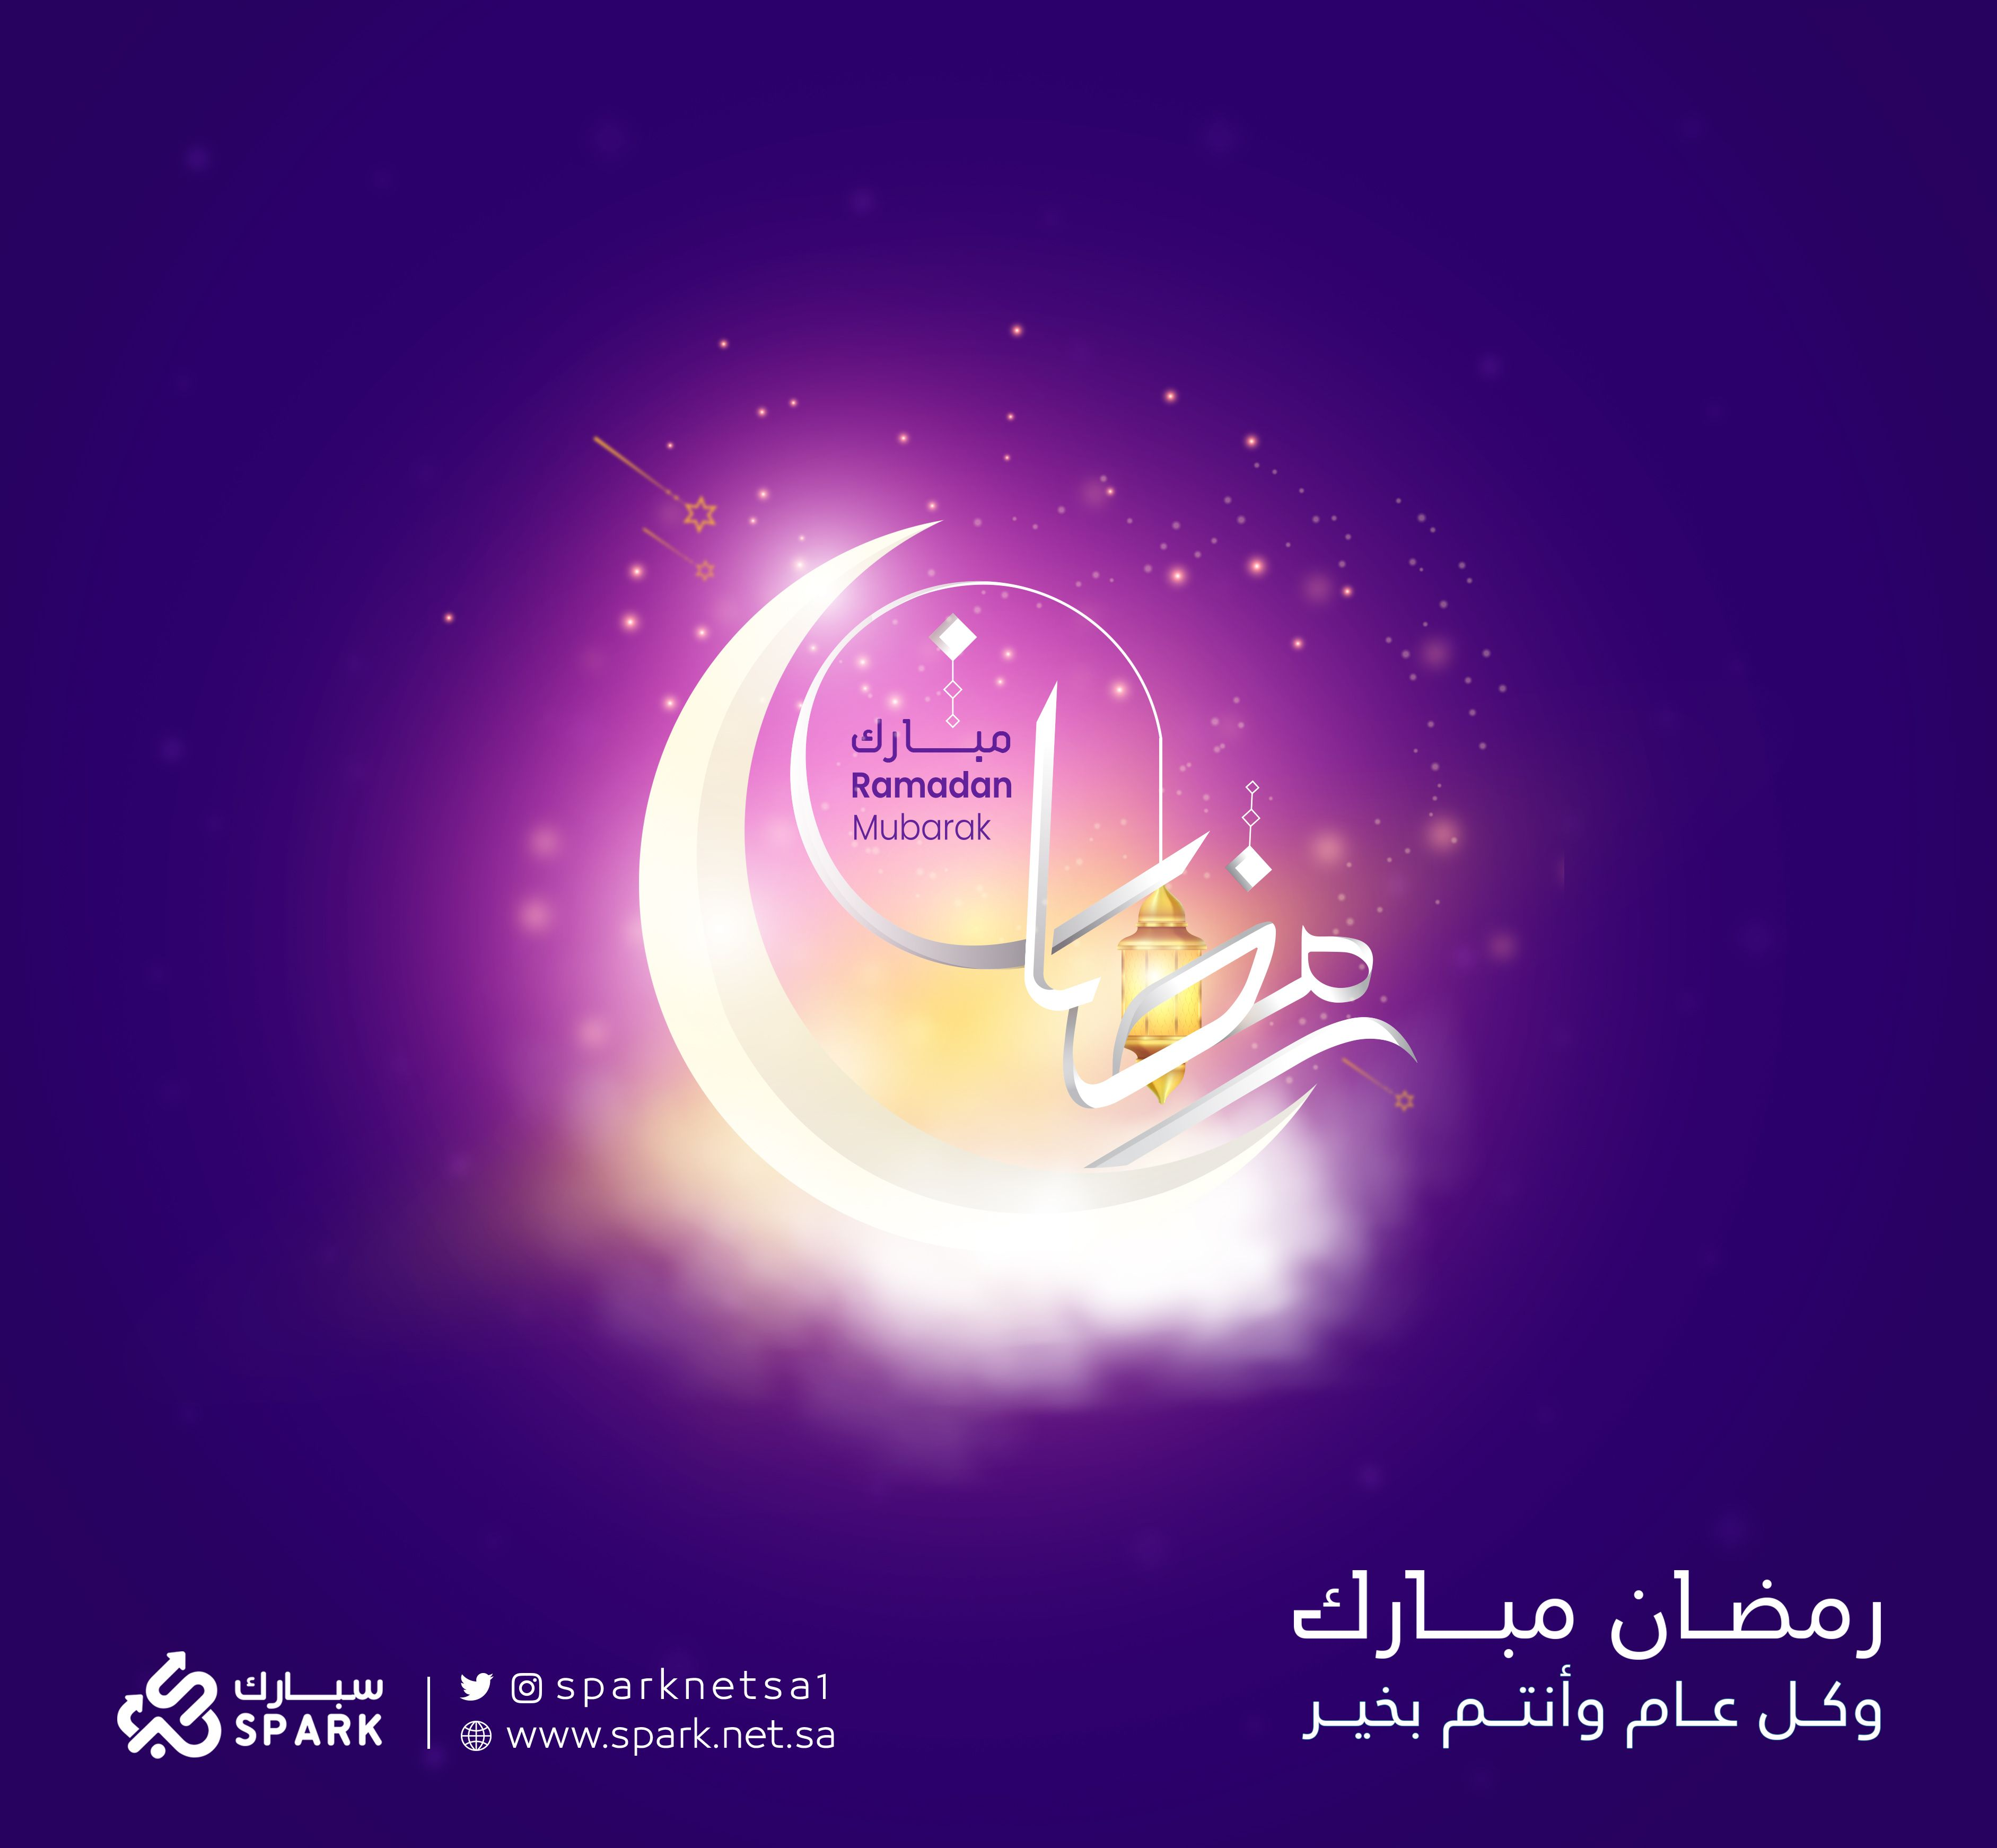 تصميم تهنئة بحلول شهر رمضان Ramadan Ramadan Mubarak Poster